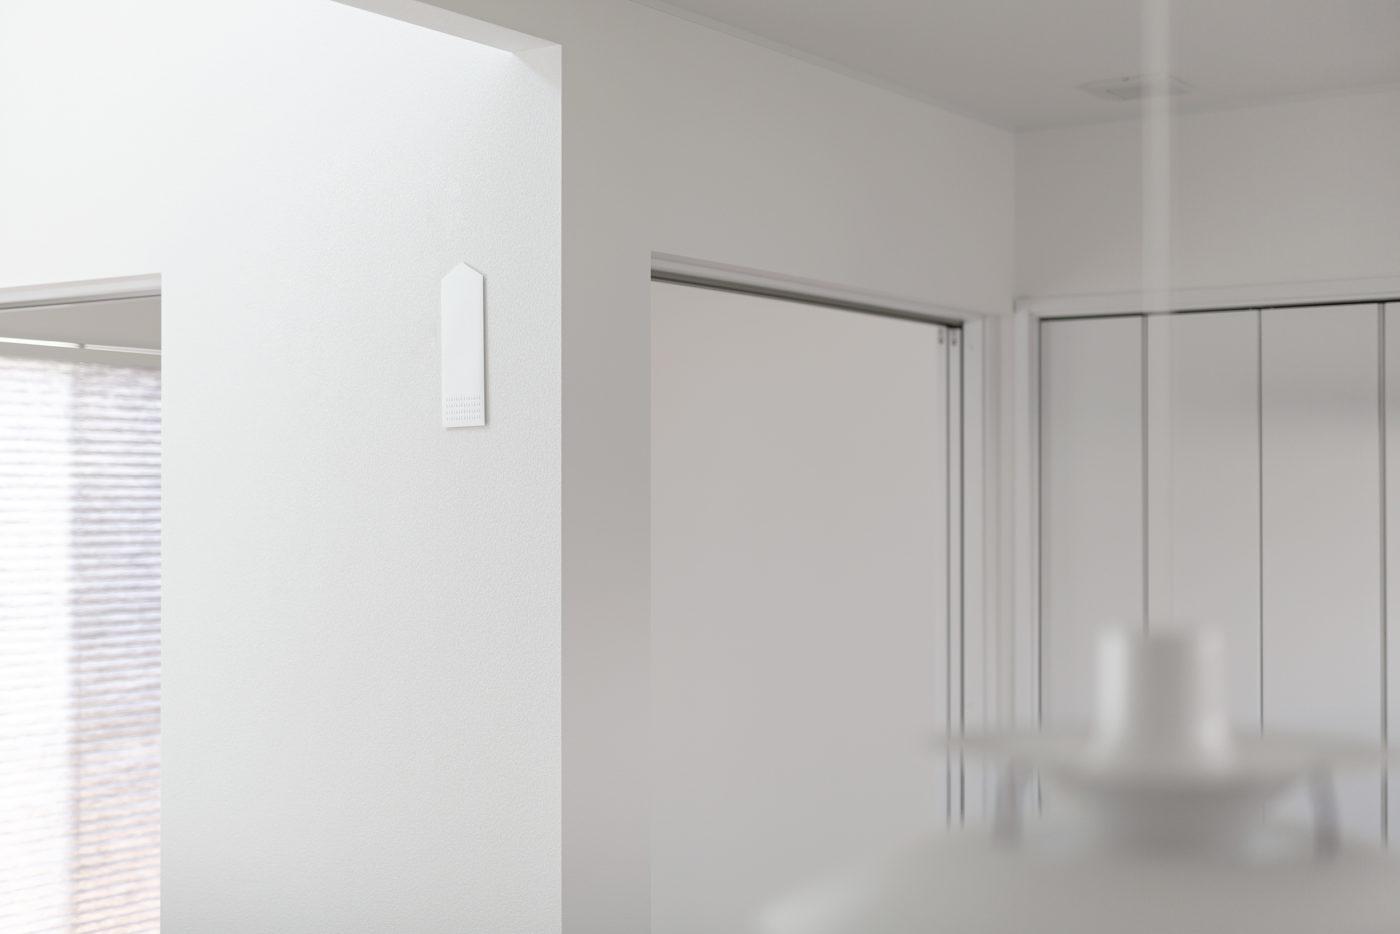 御札をそのまま壁に貼るのは忍びない、という需要から生まれた「貼る神棚」